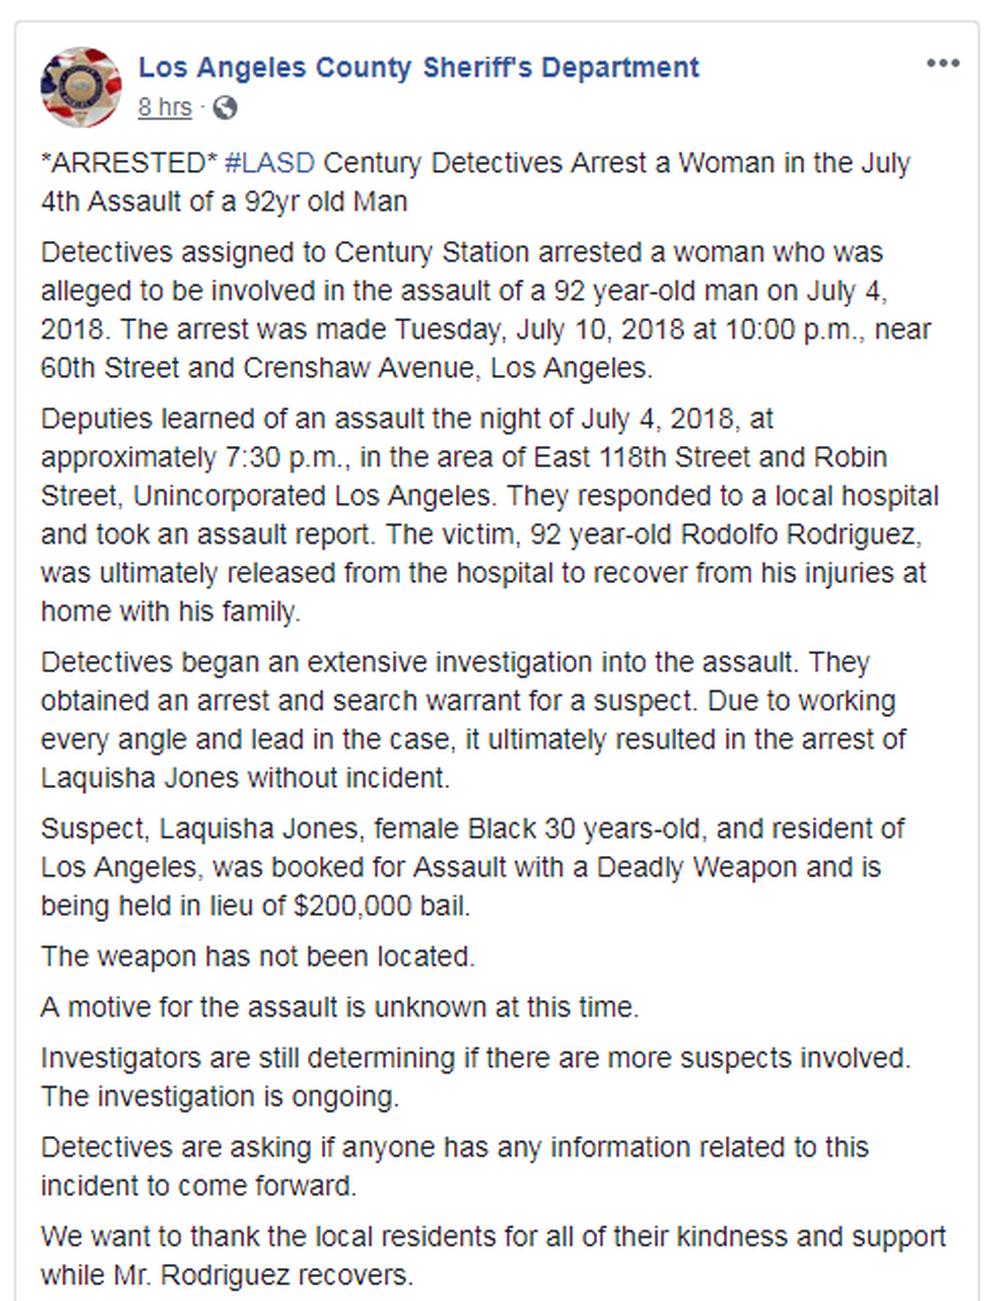 Comunicado da polícia de Los Angeles sobre prisão de acusada de espancar idoso nos EUA (Foto: Reprodução/Facebook)